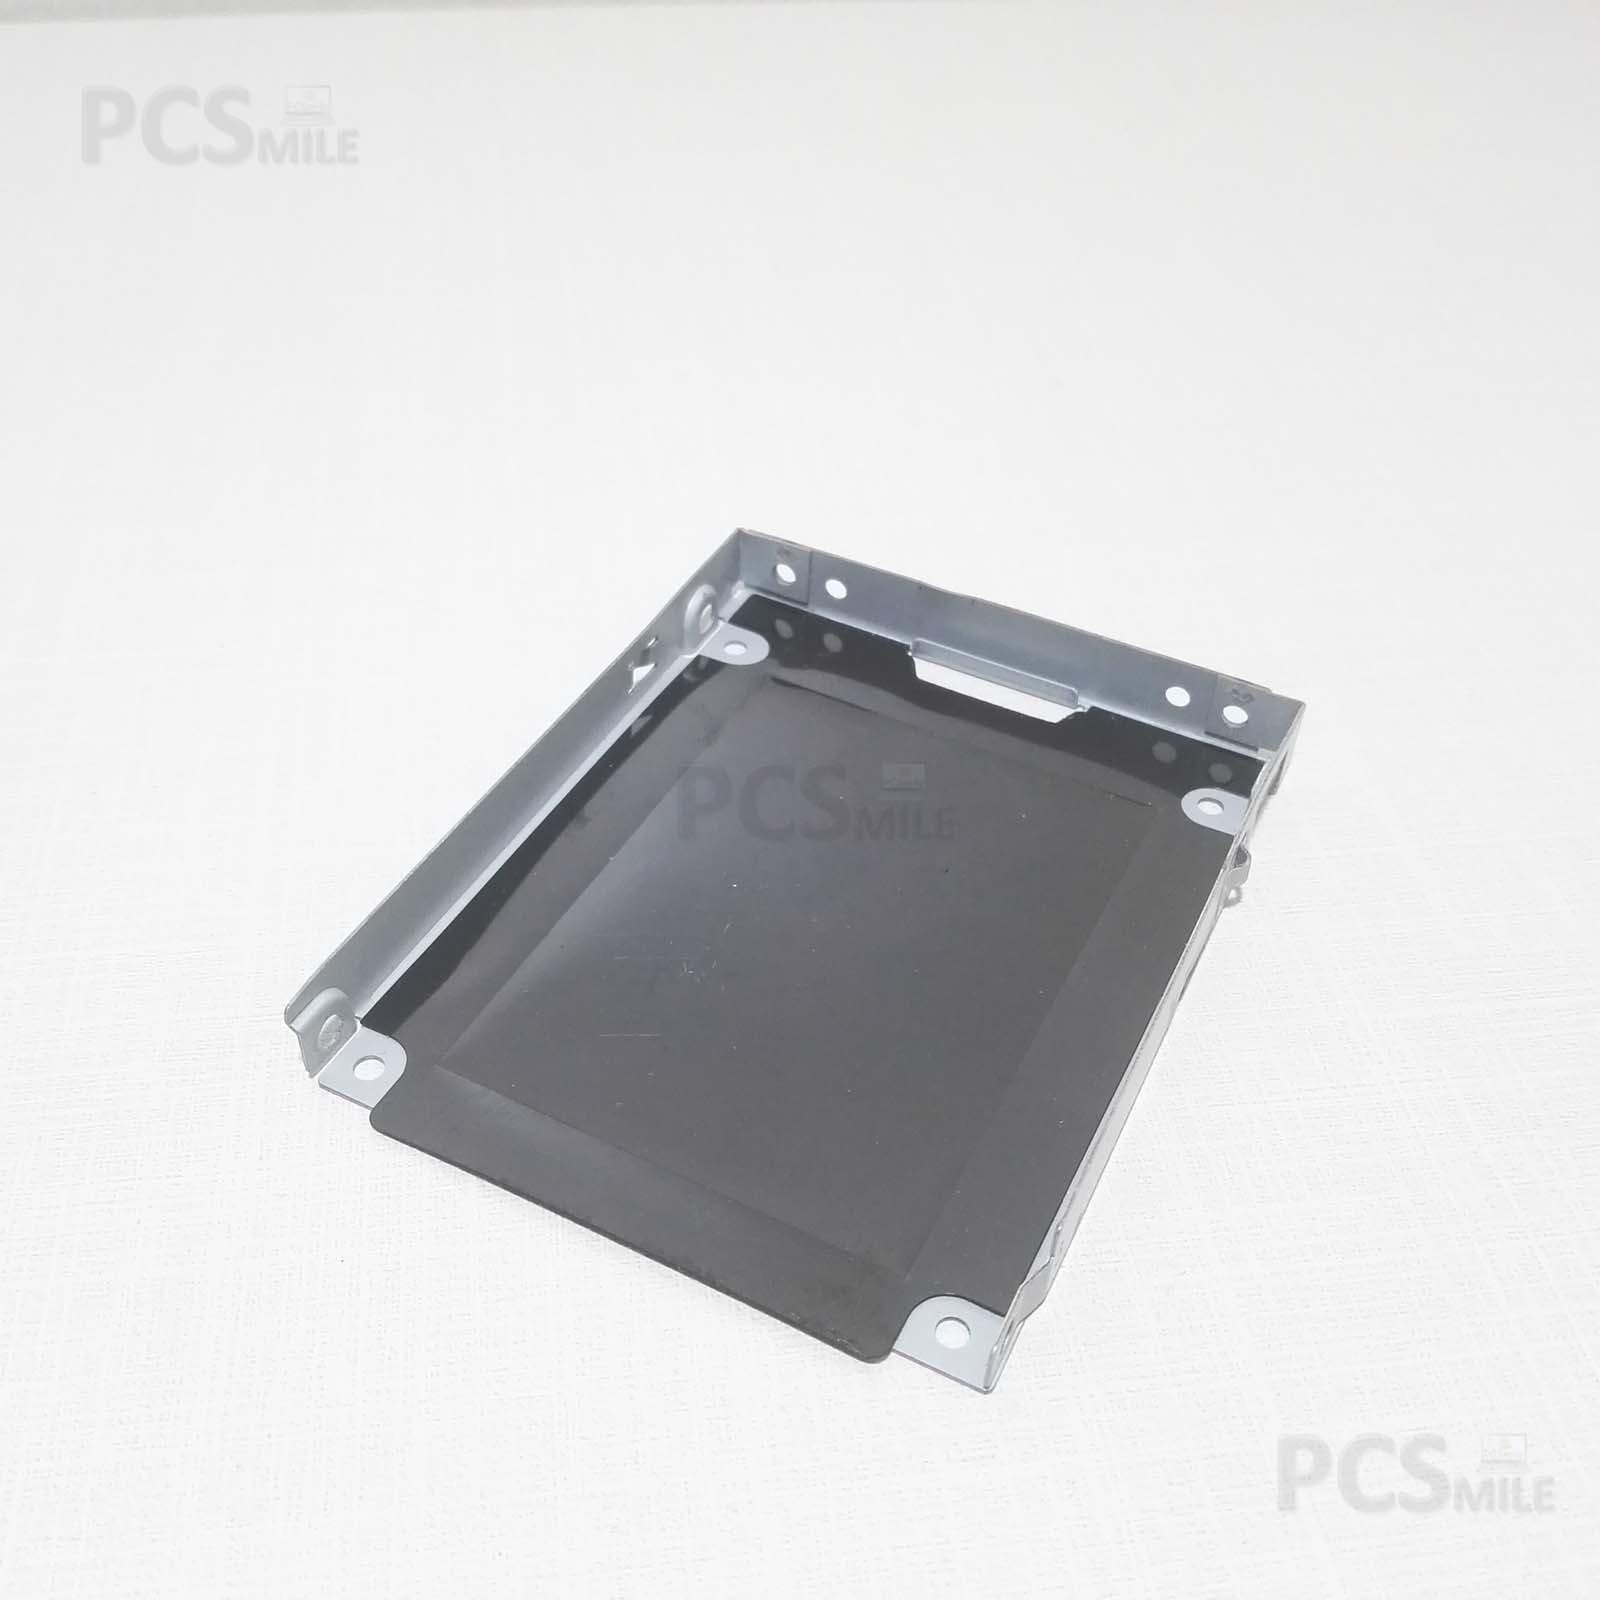 Carrellino hard disk caddy supporto HD sclitta Acer Aspire 5630 bl50